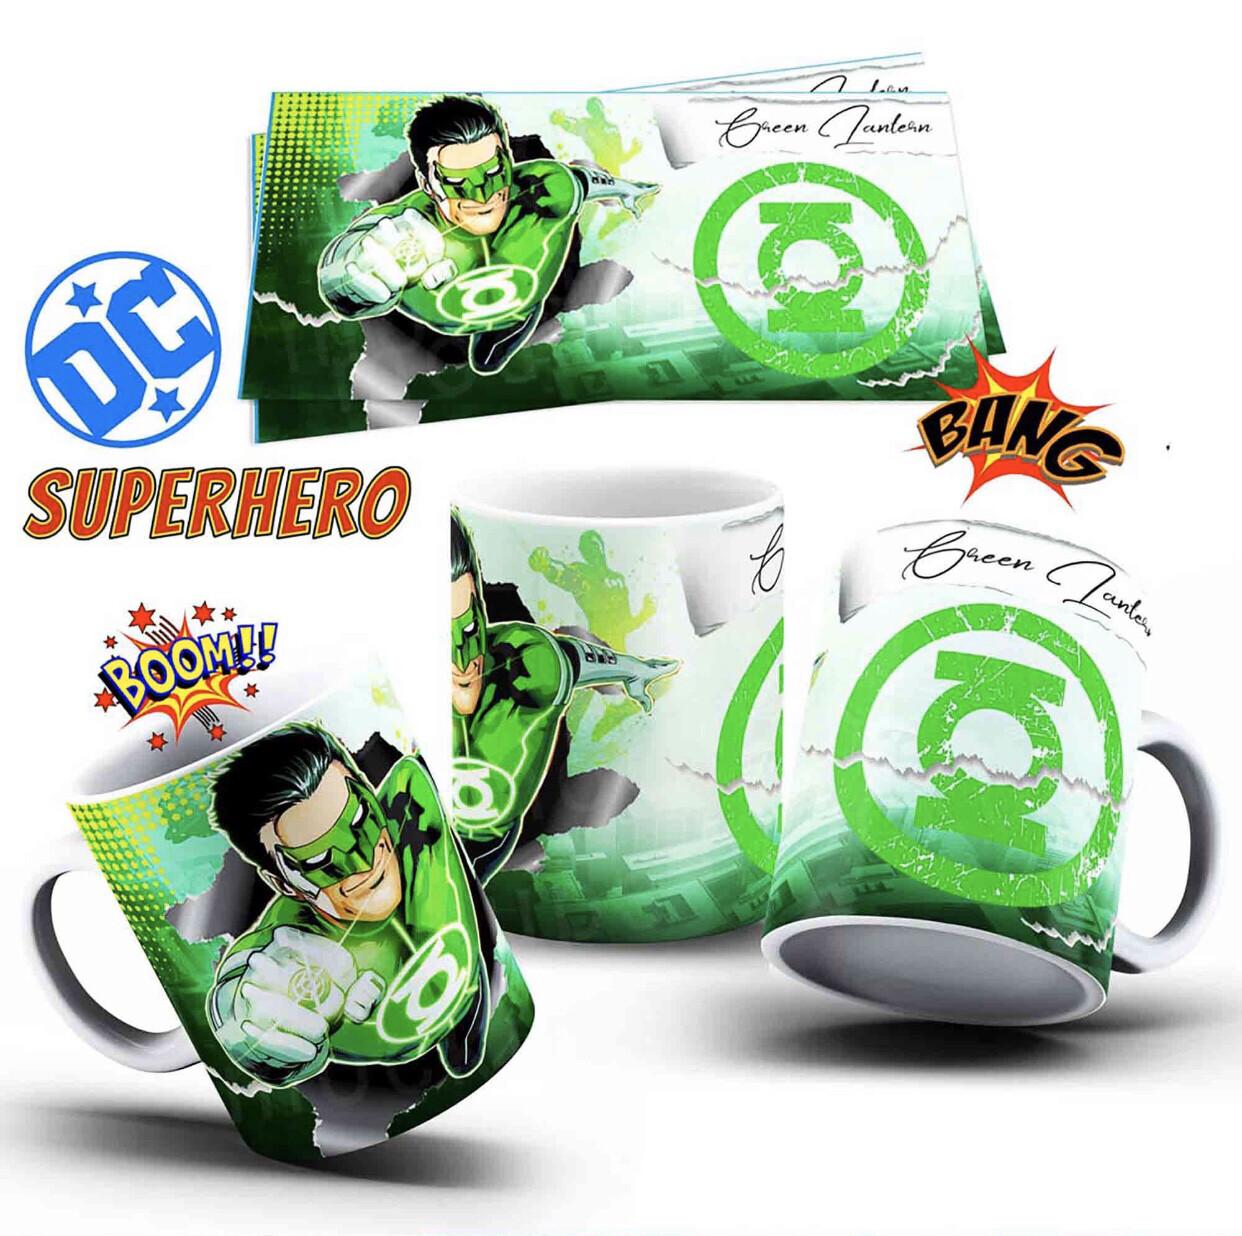 The Green Lantern Coffee mug